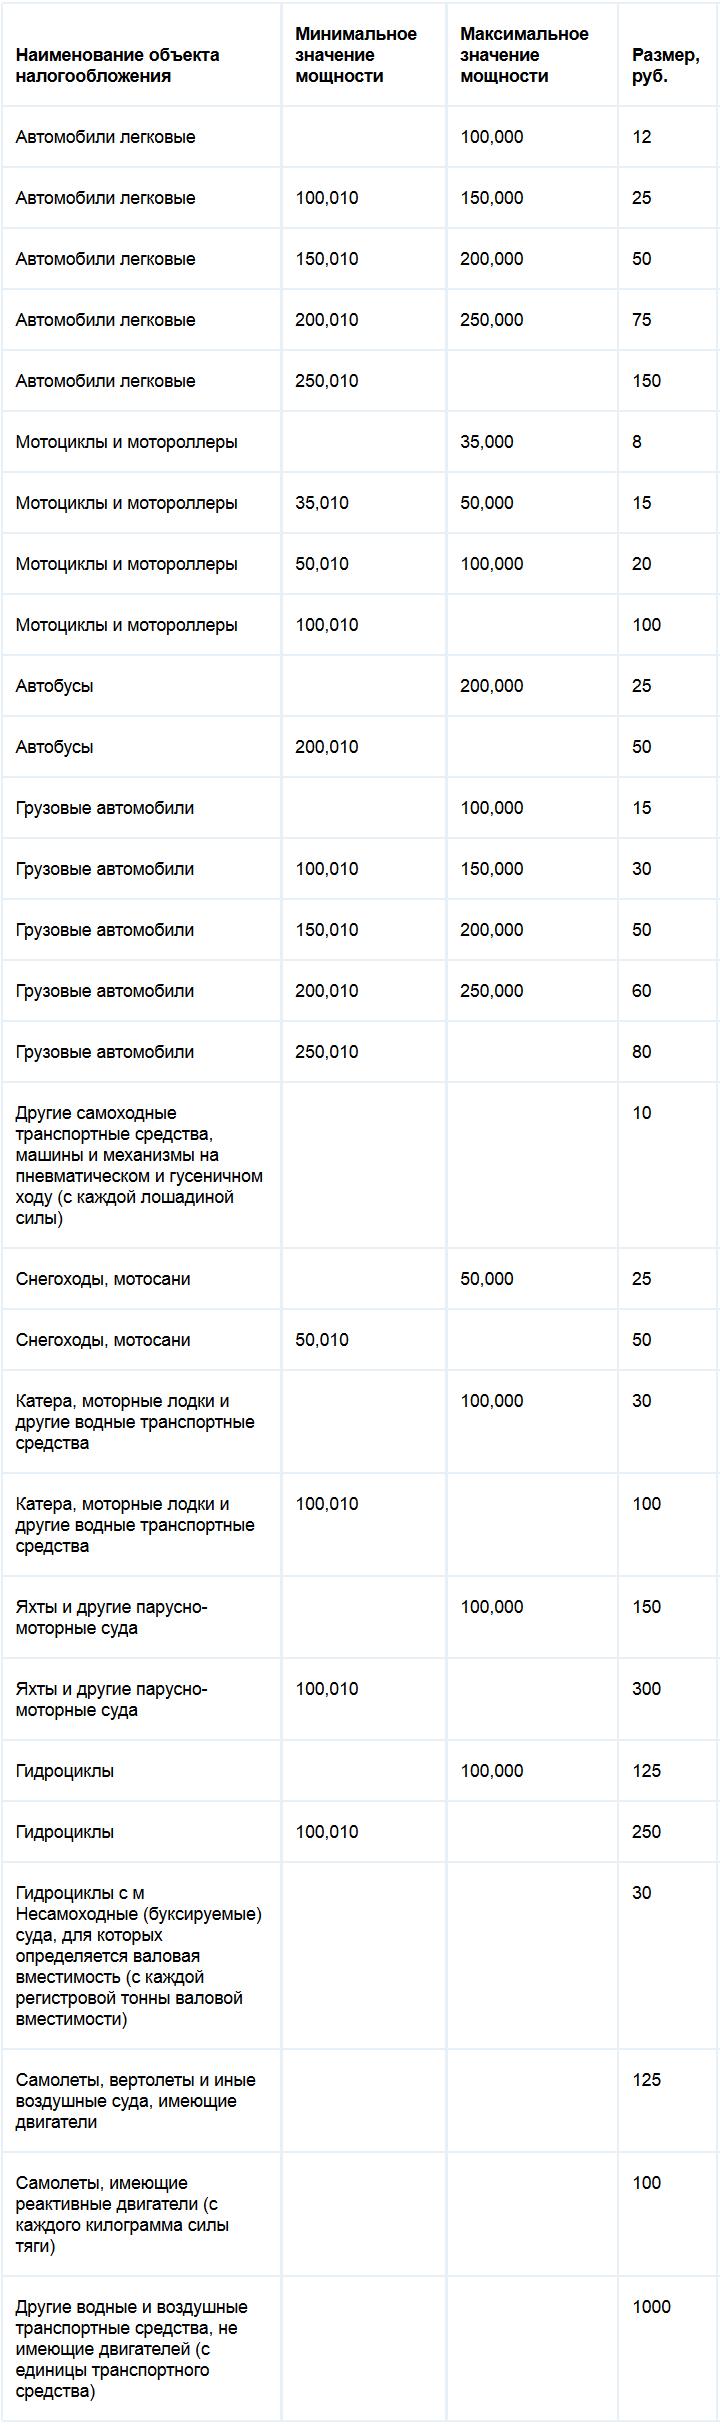 ставки транспортного налога в камчатском крае